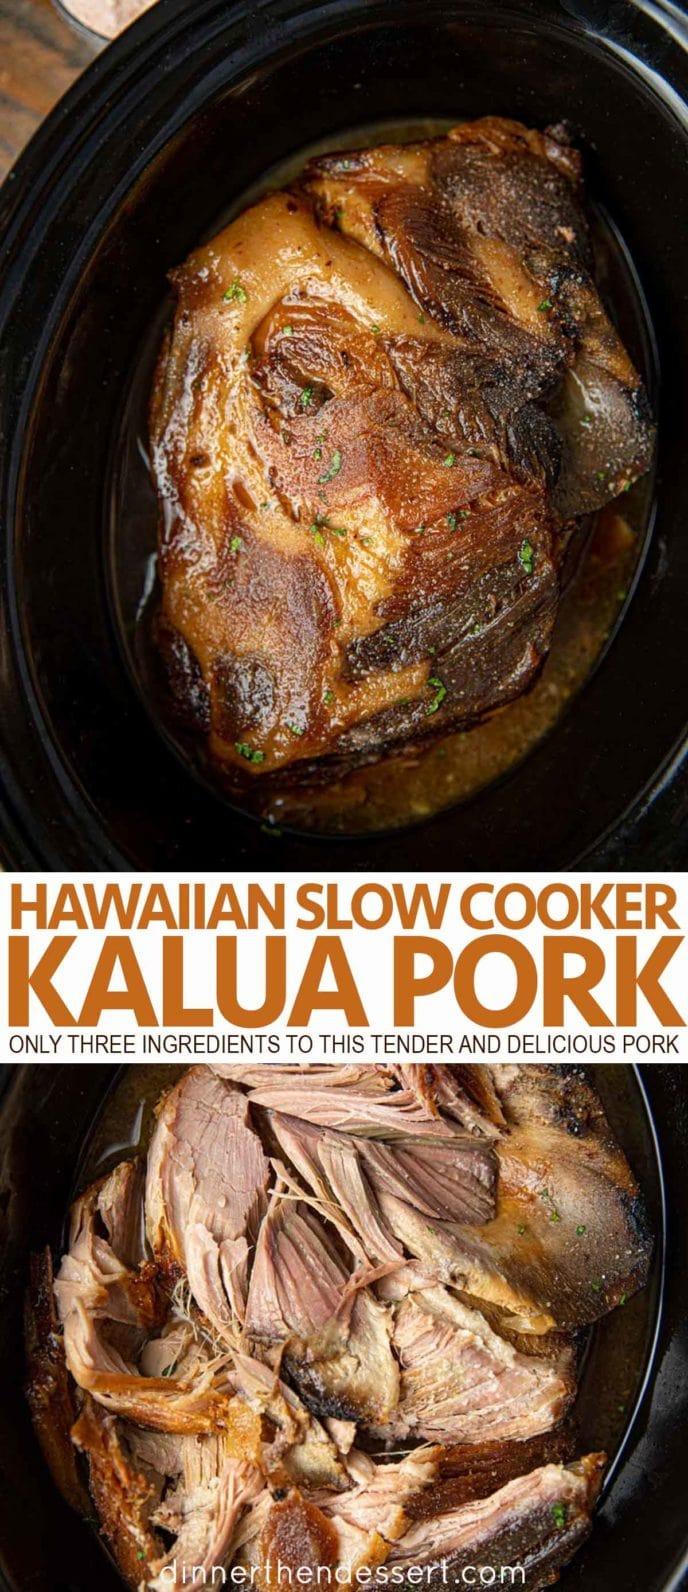 Kalua Pork in a slow cooker